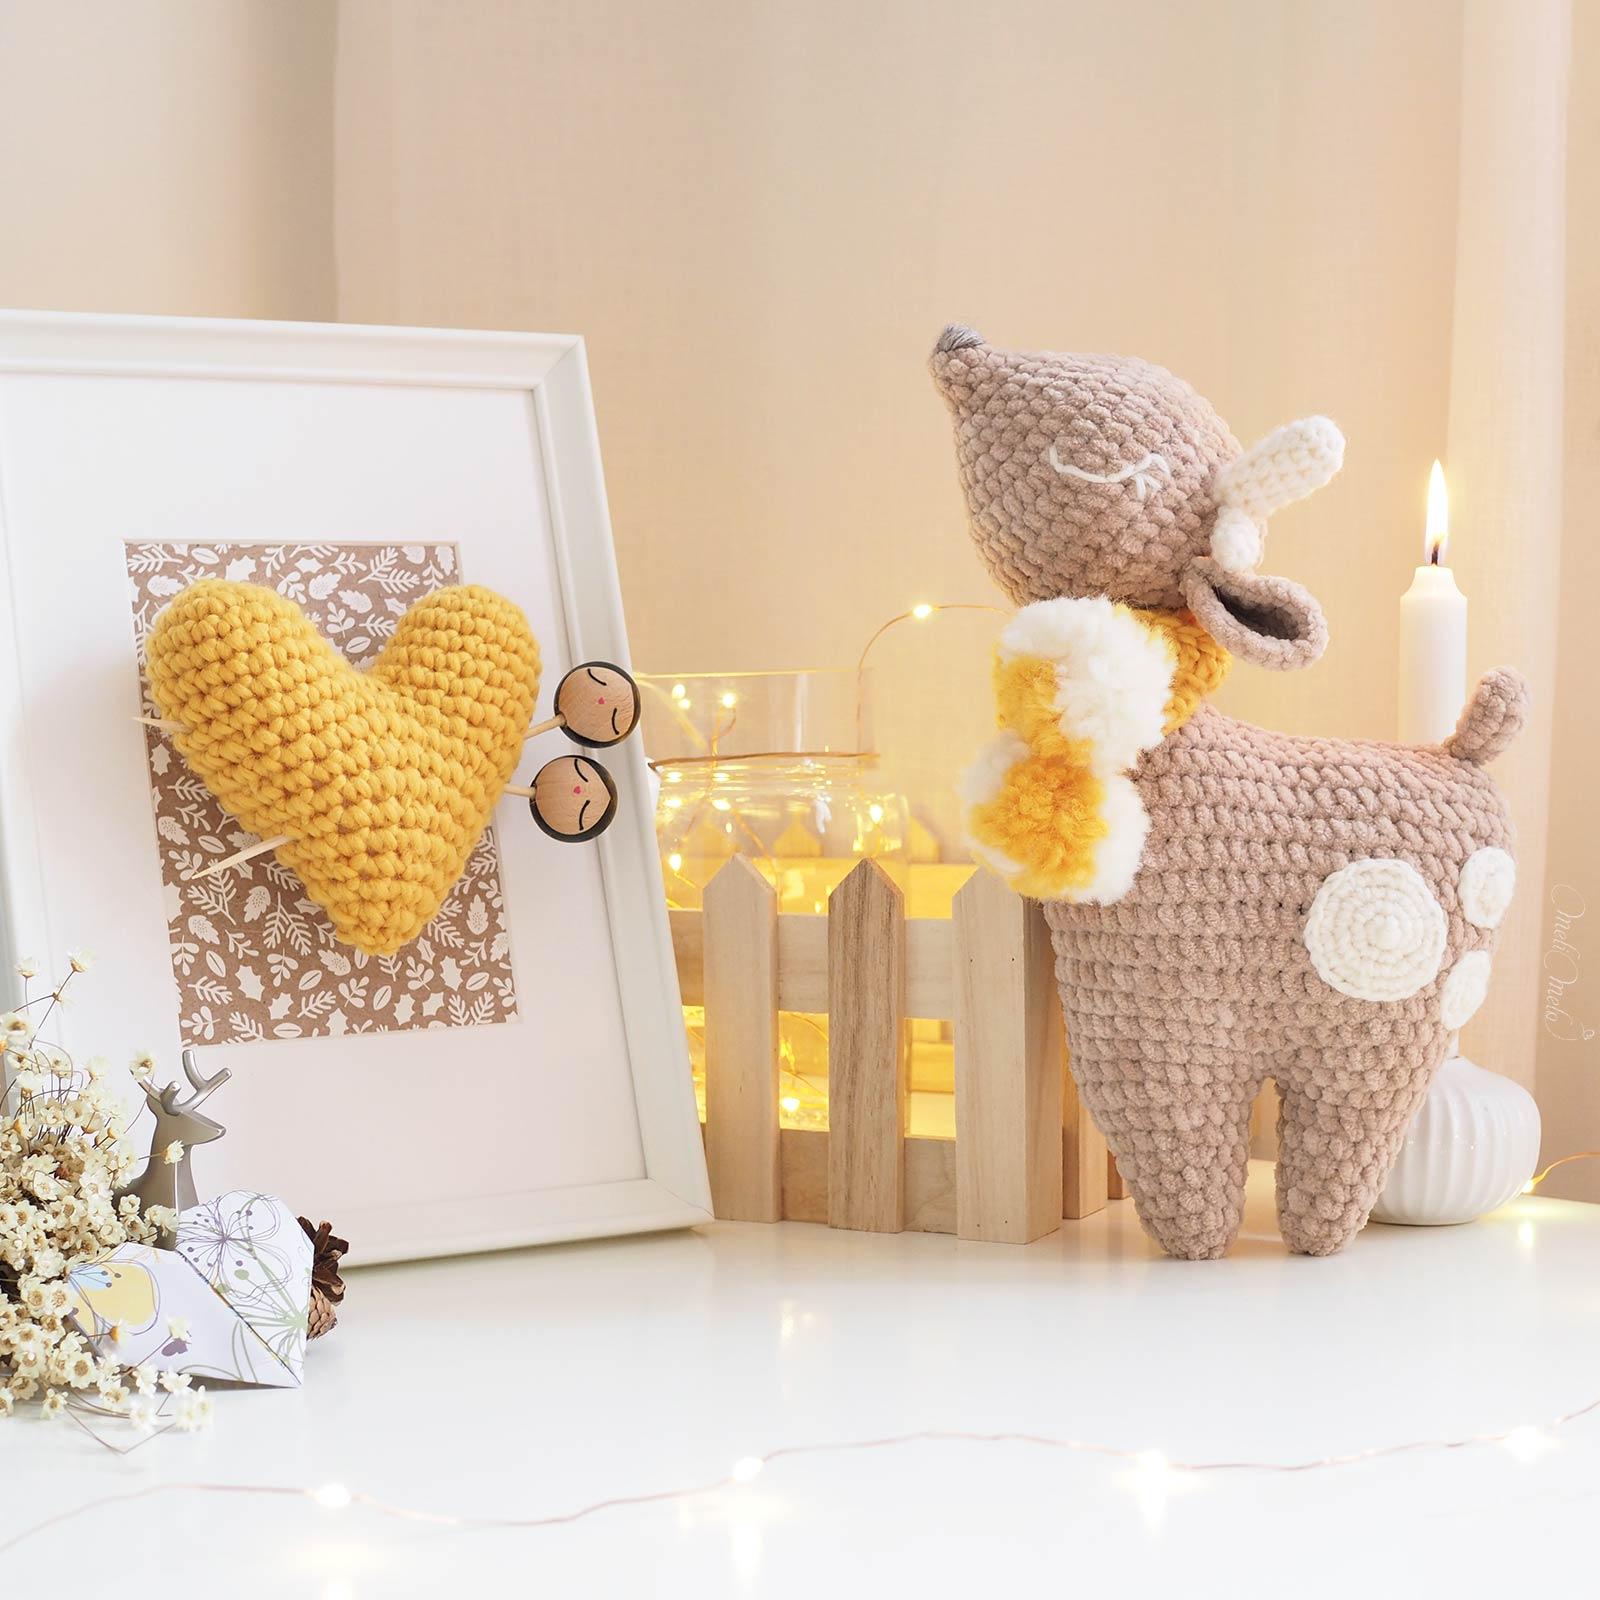 lot-crochet-biche-bambi-doudou-amigurumi-cadre-coeur-rangement-beige-laboutiquedemelimelo